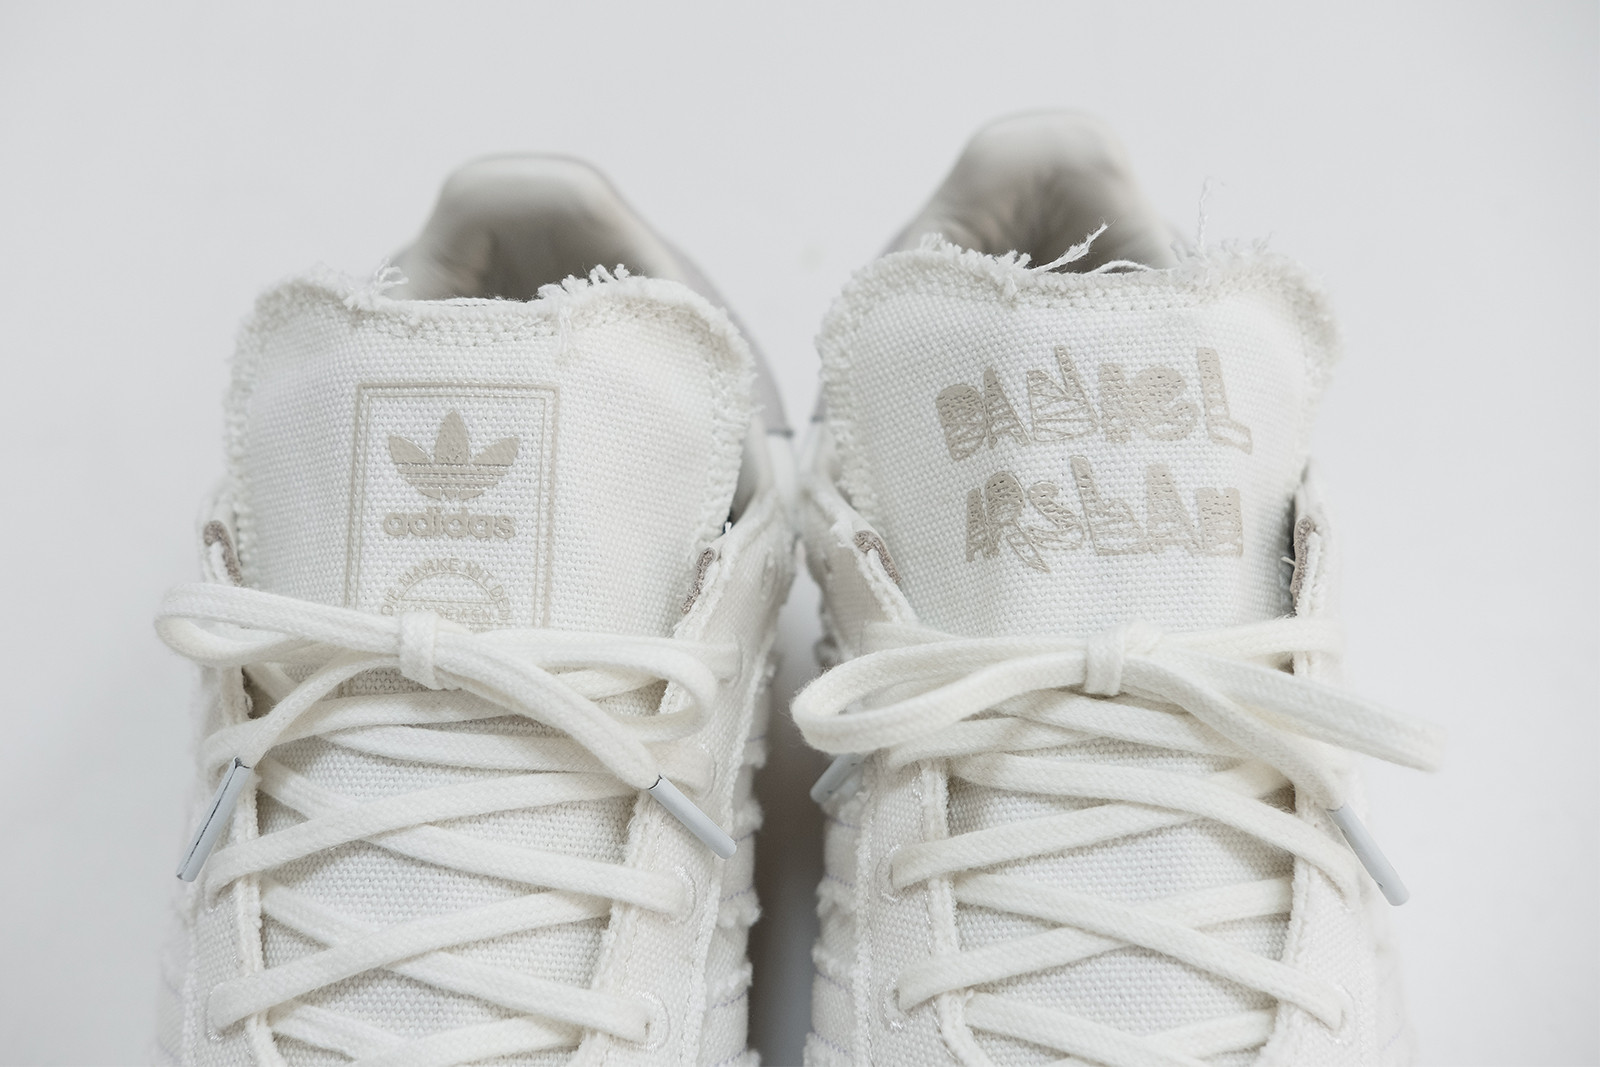 brand new 130e4 96a8c Adidas ×. adidas Originals New York x Daniel Arsham